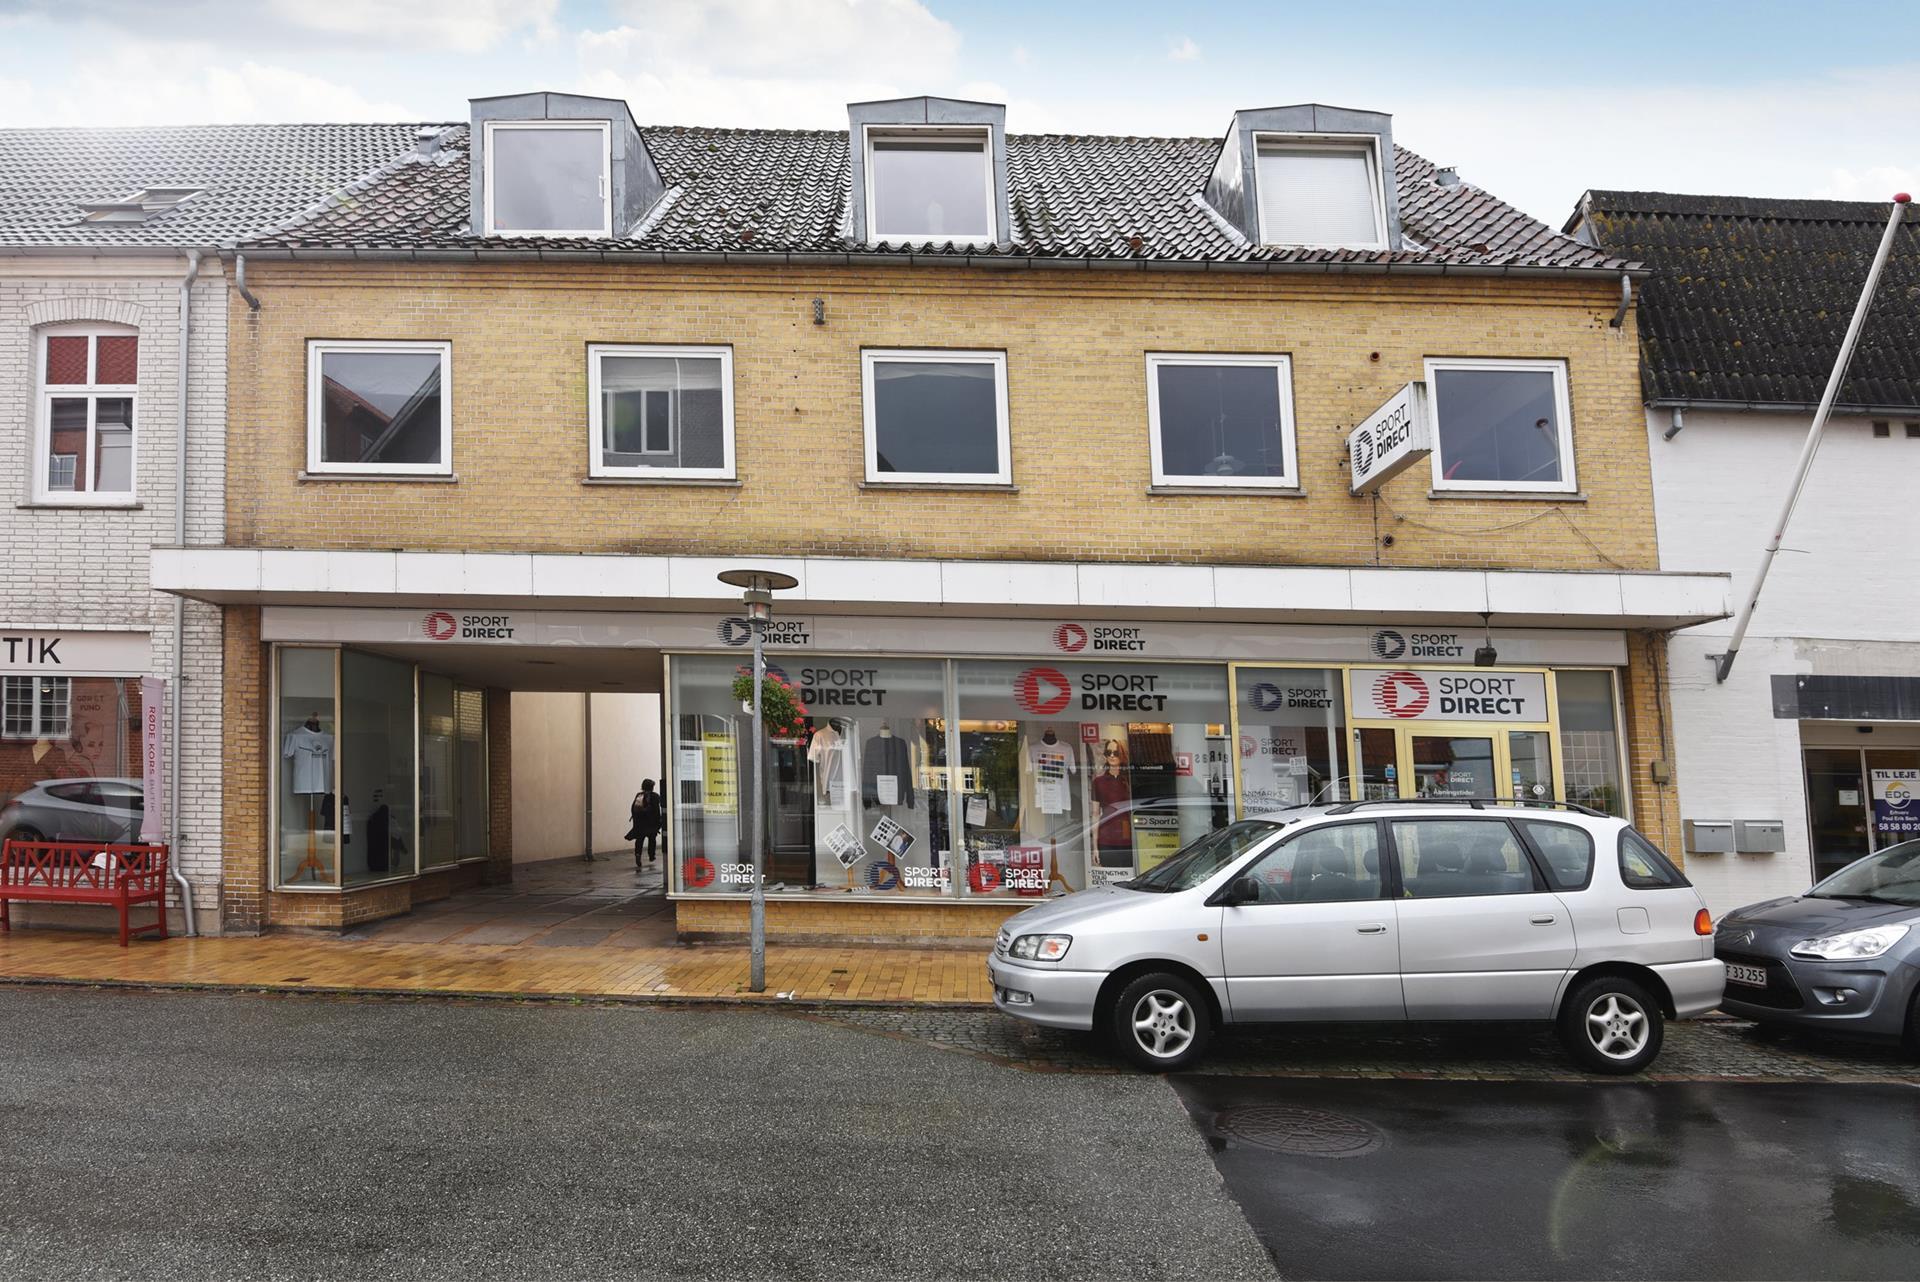 Bolig/erhverv på Nygade i Gråsten - Facade